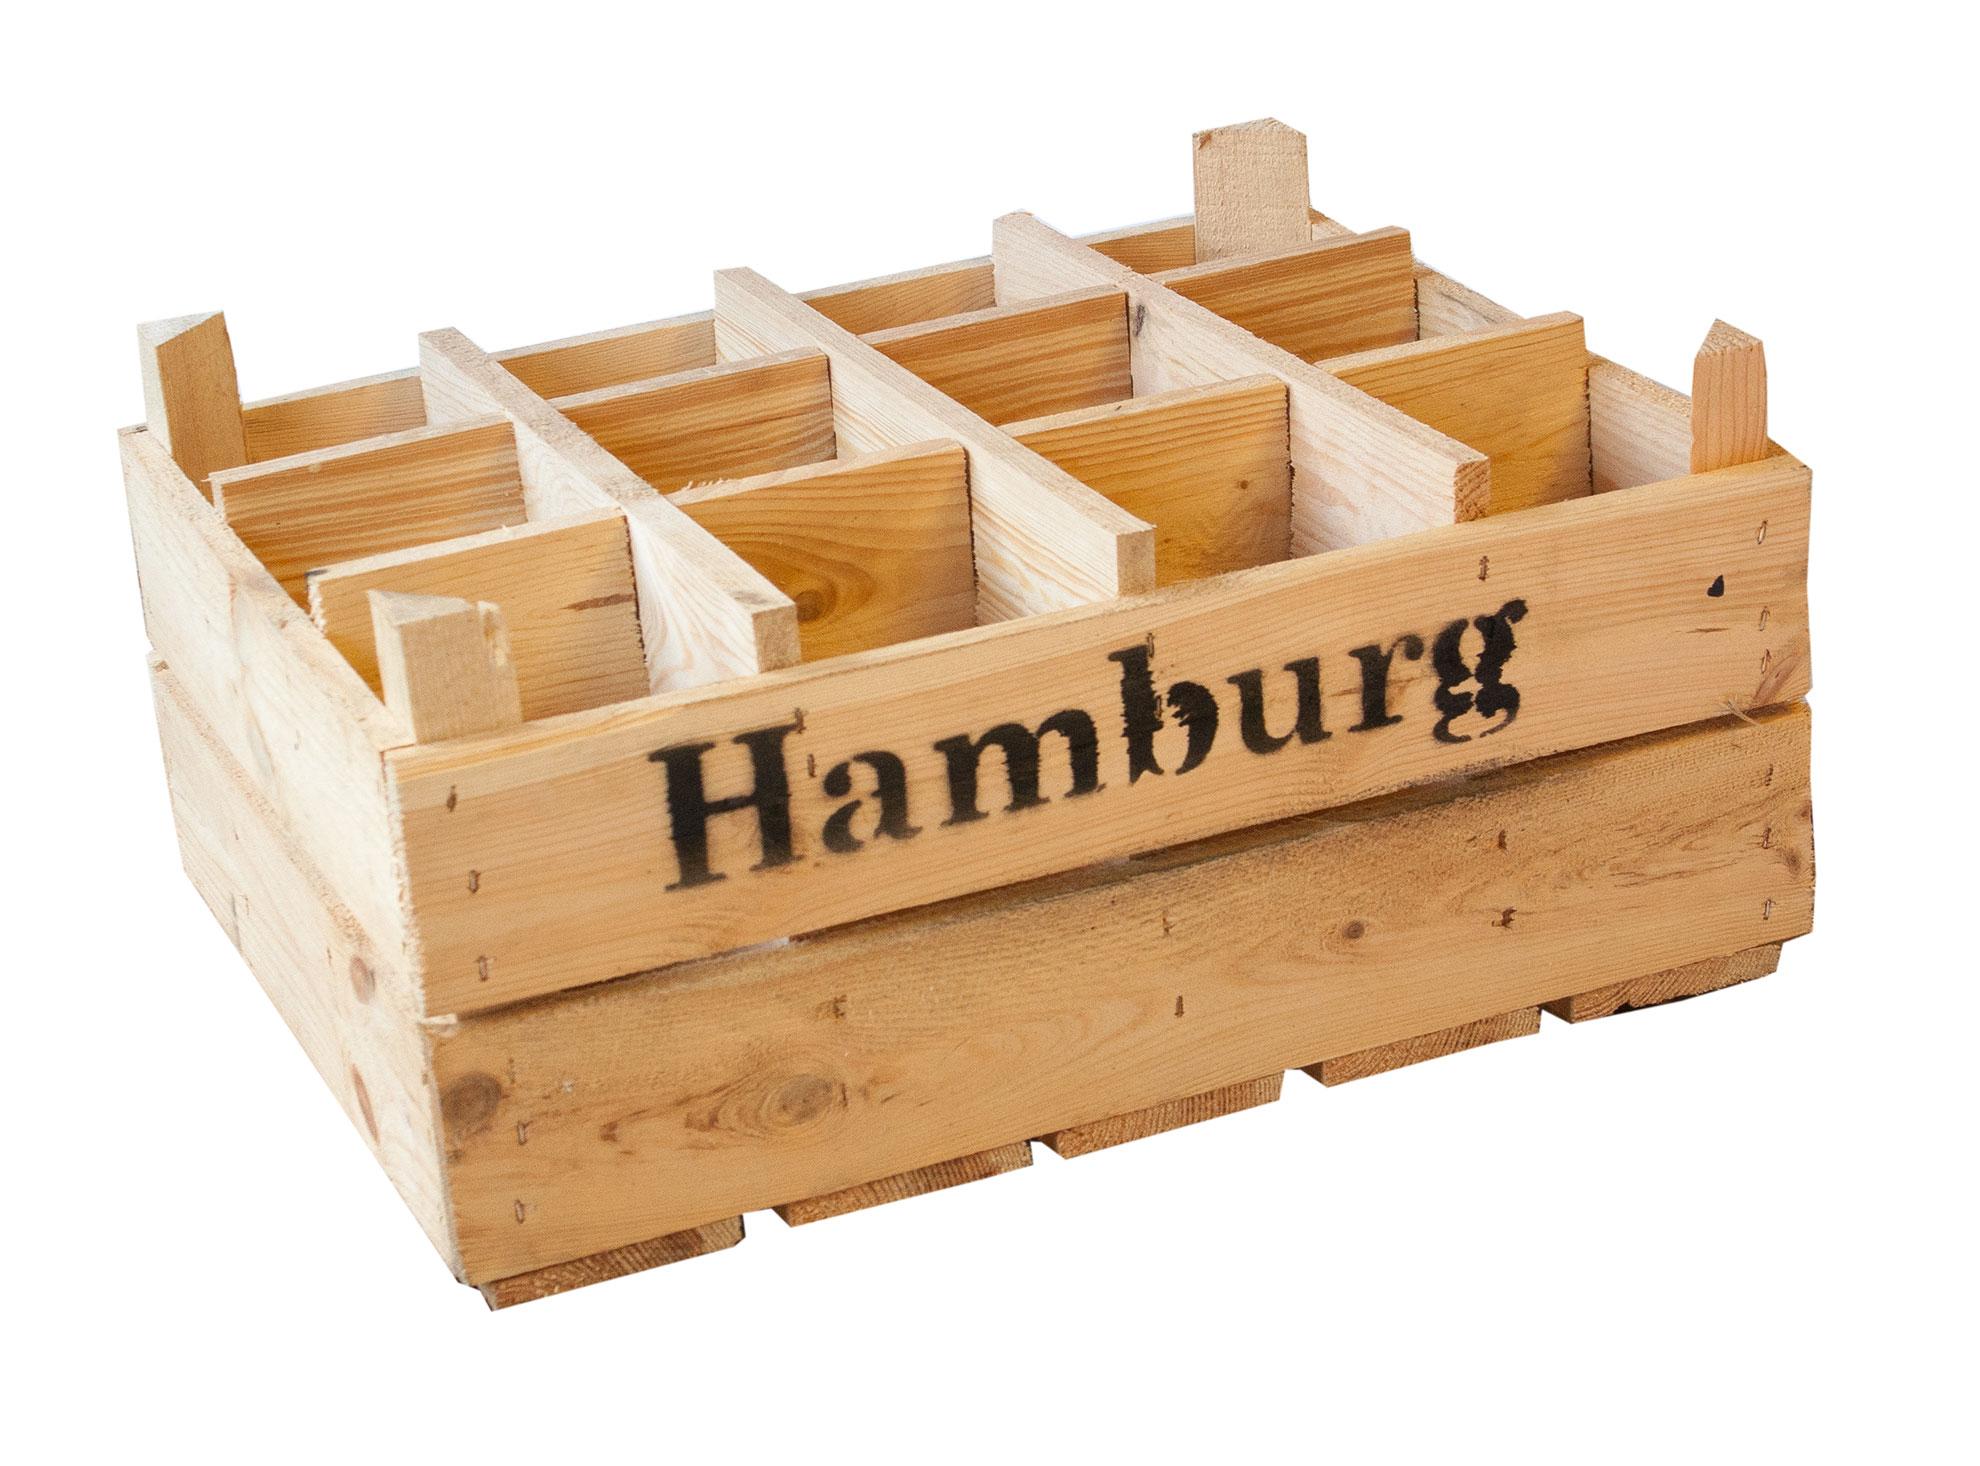 holzkisten flaschenkasten hamburg natur 50x40x23cm. Black Bedroom Furniture Sets. Home Design Ideas